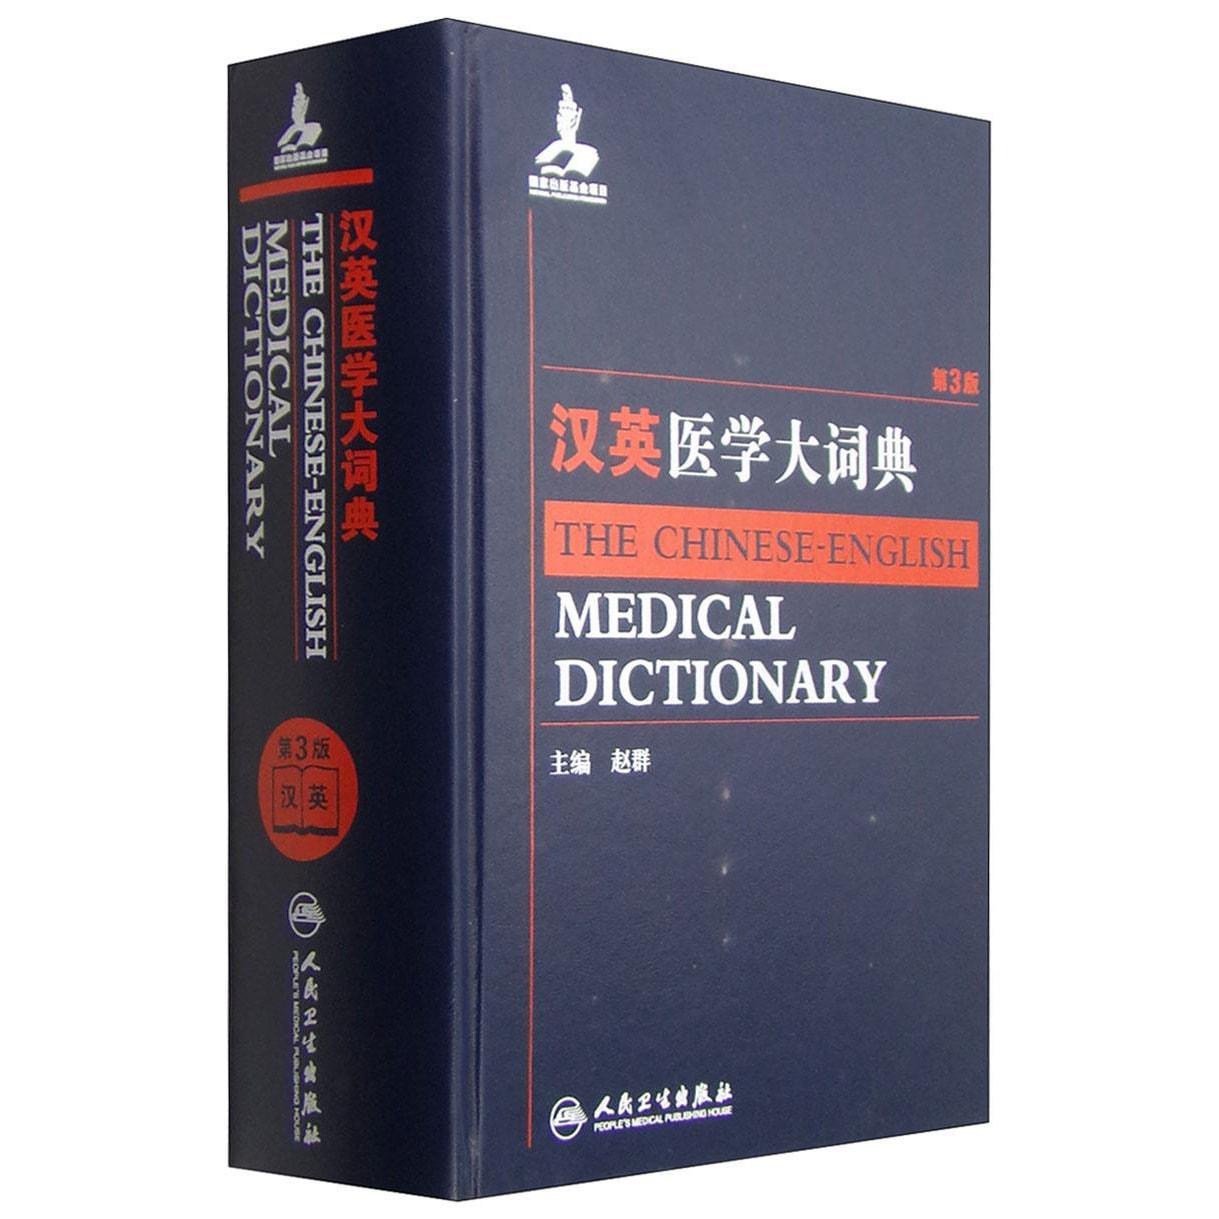 汉英医学大词典(第3版) 怎么样 - 亚米网